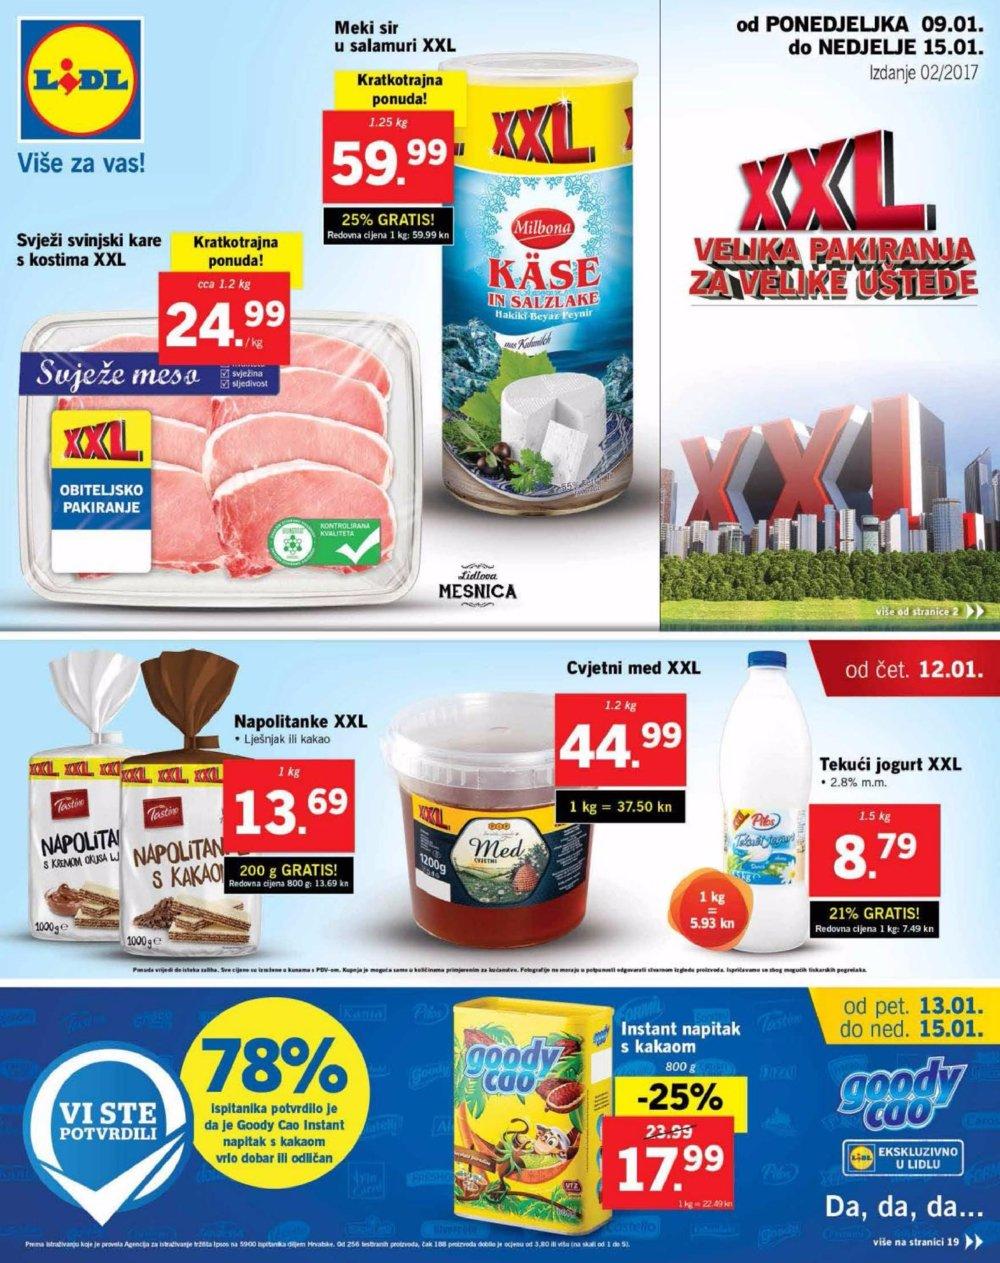 Lidl katalog XXL do 15.1.2017.